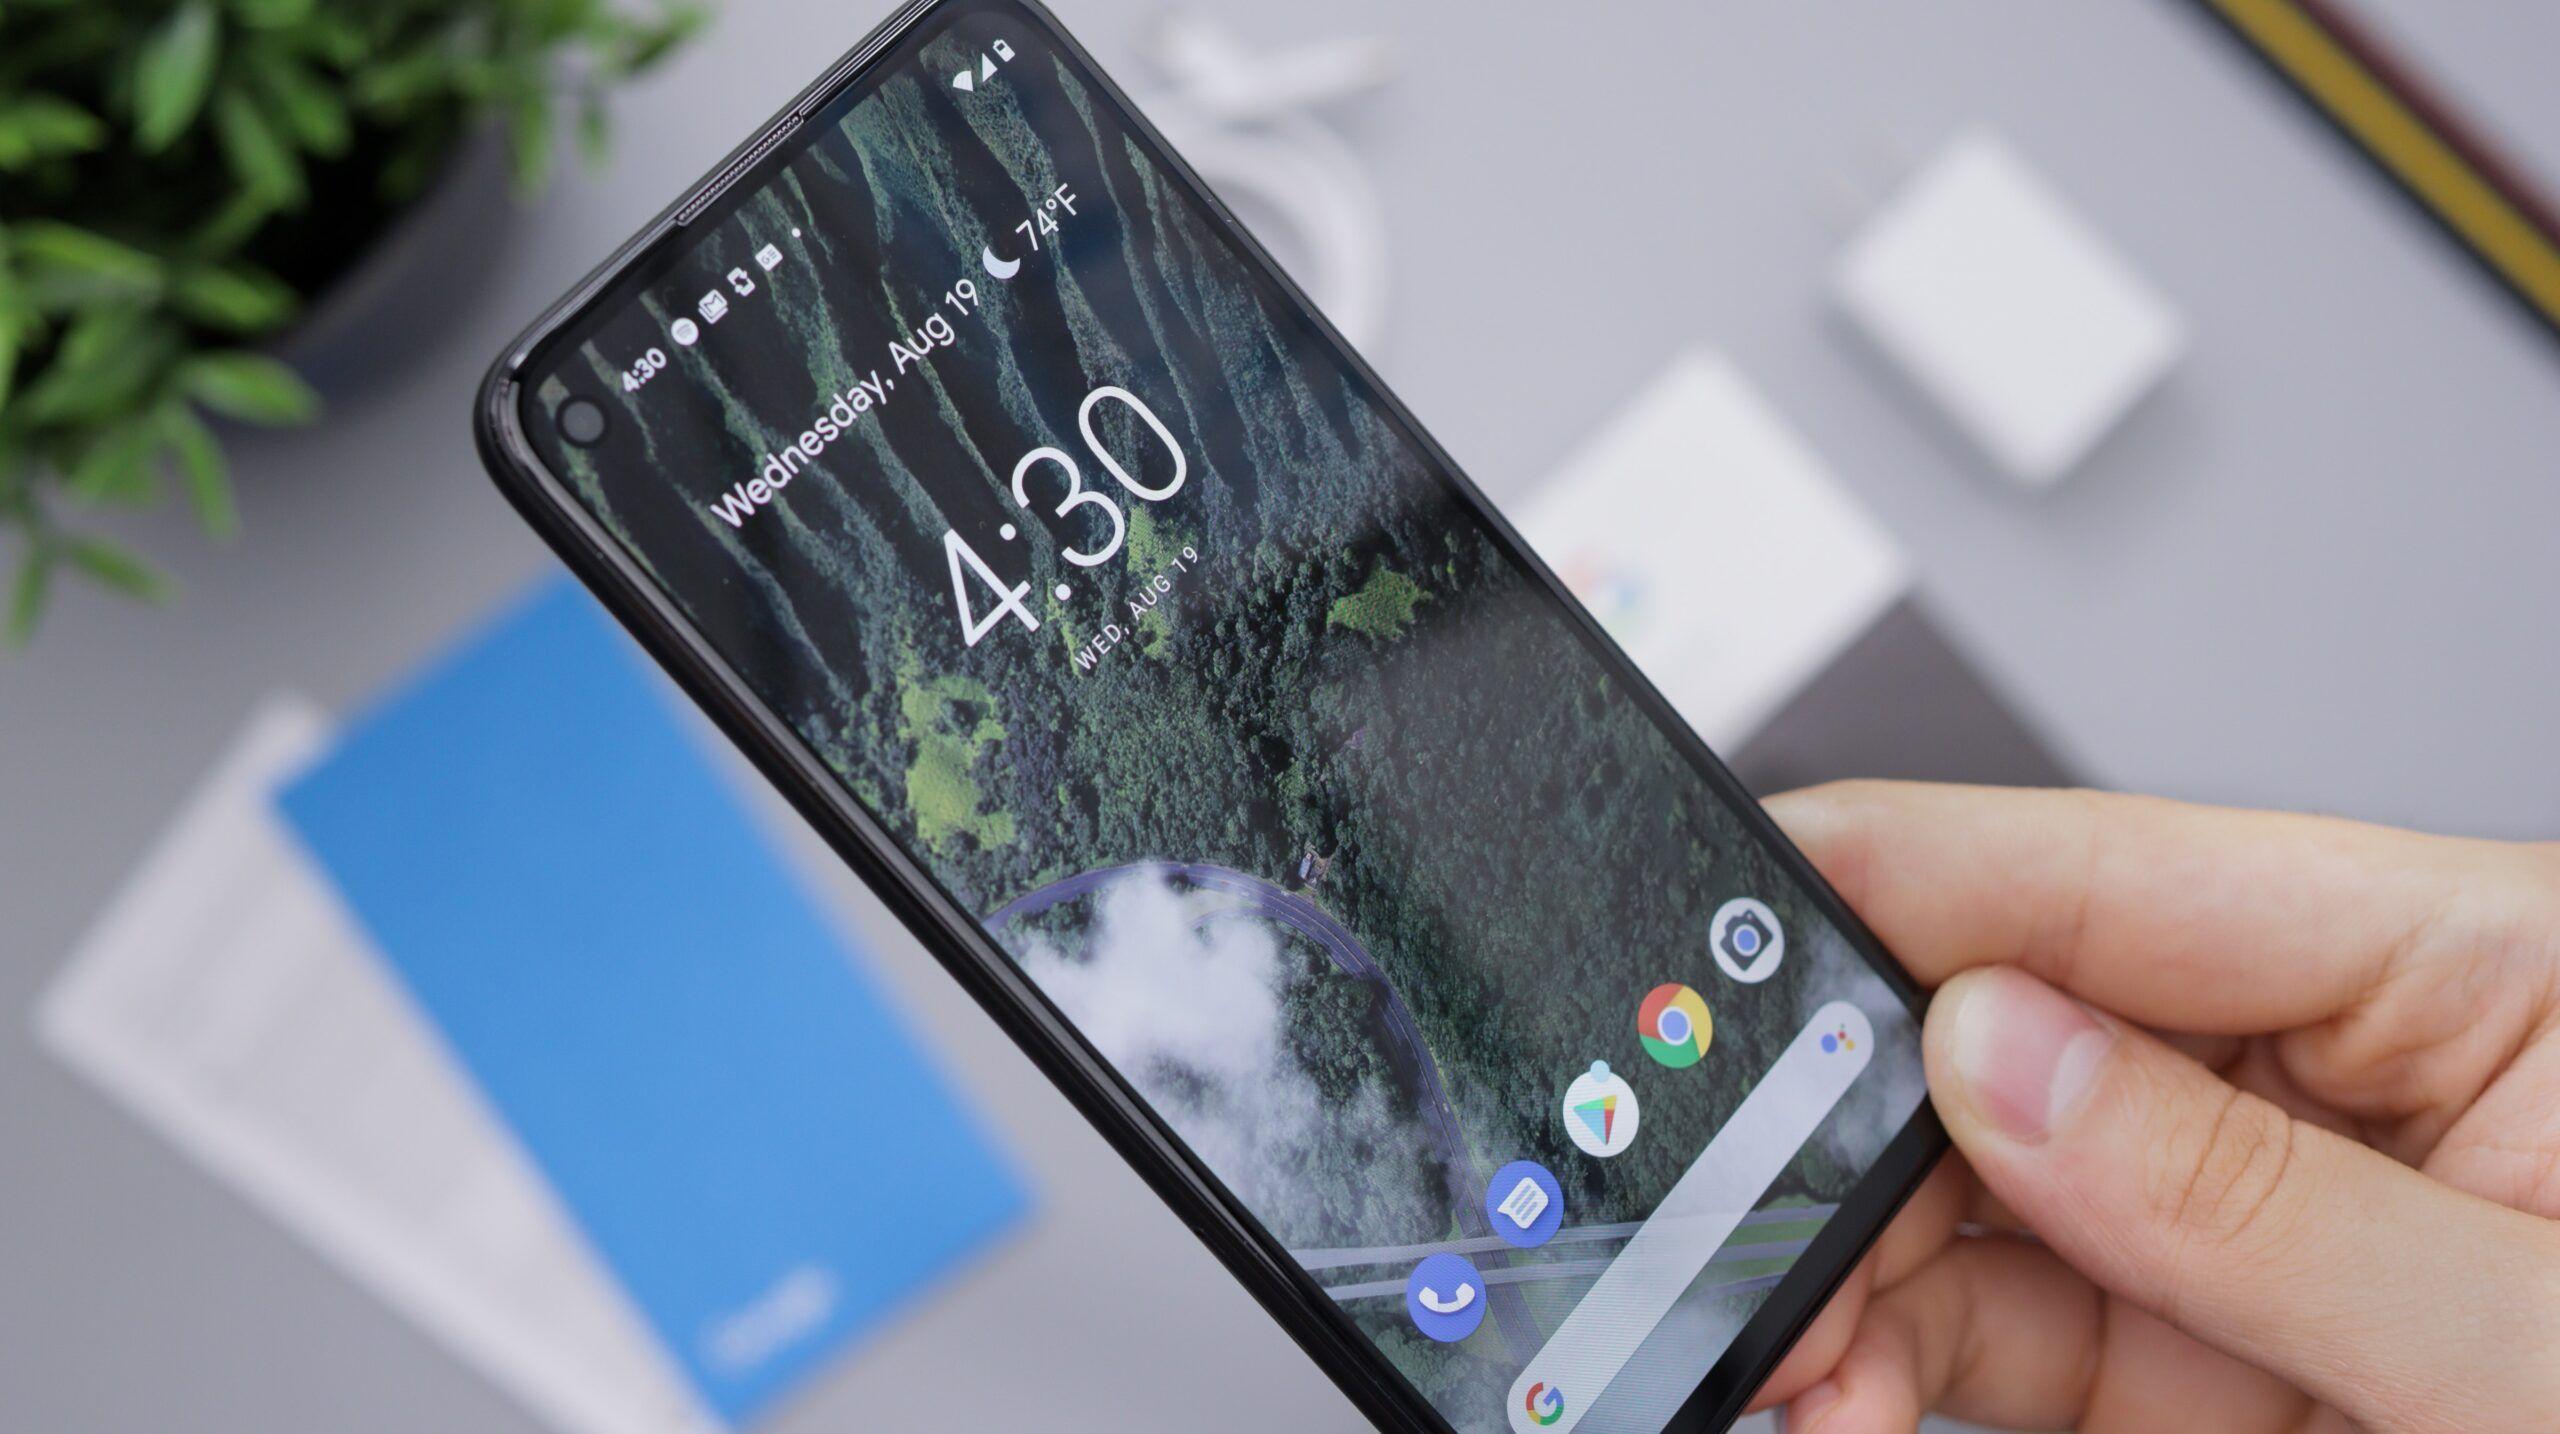 mejores móviles baratos 2021